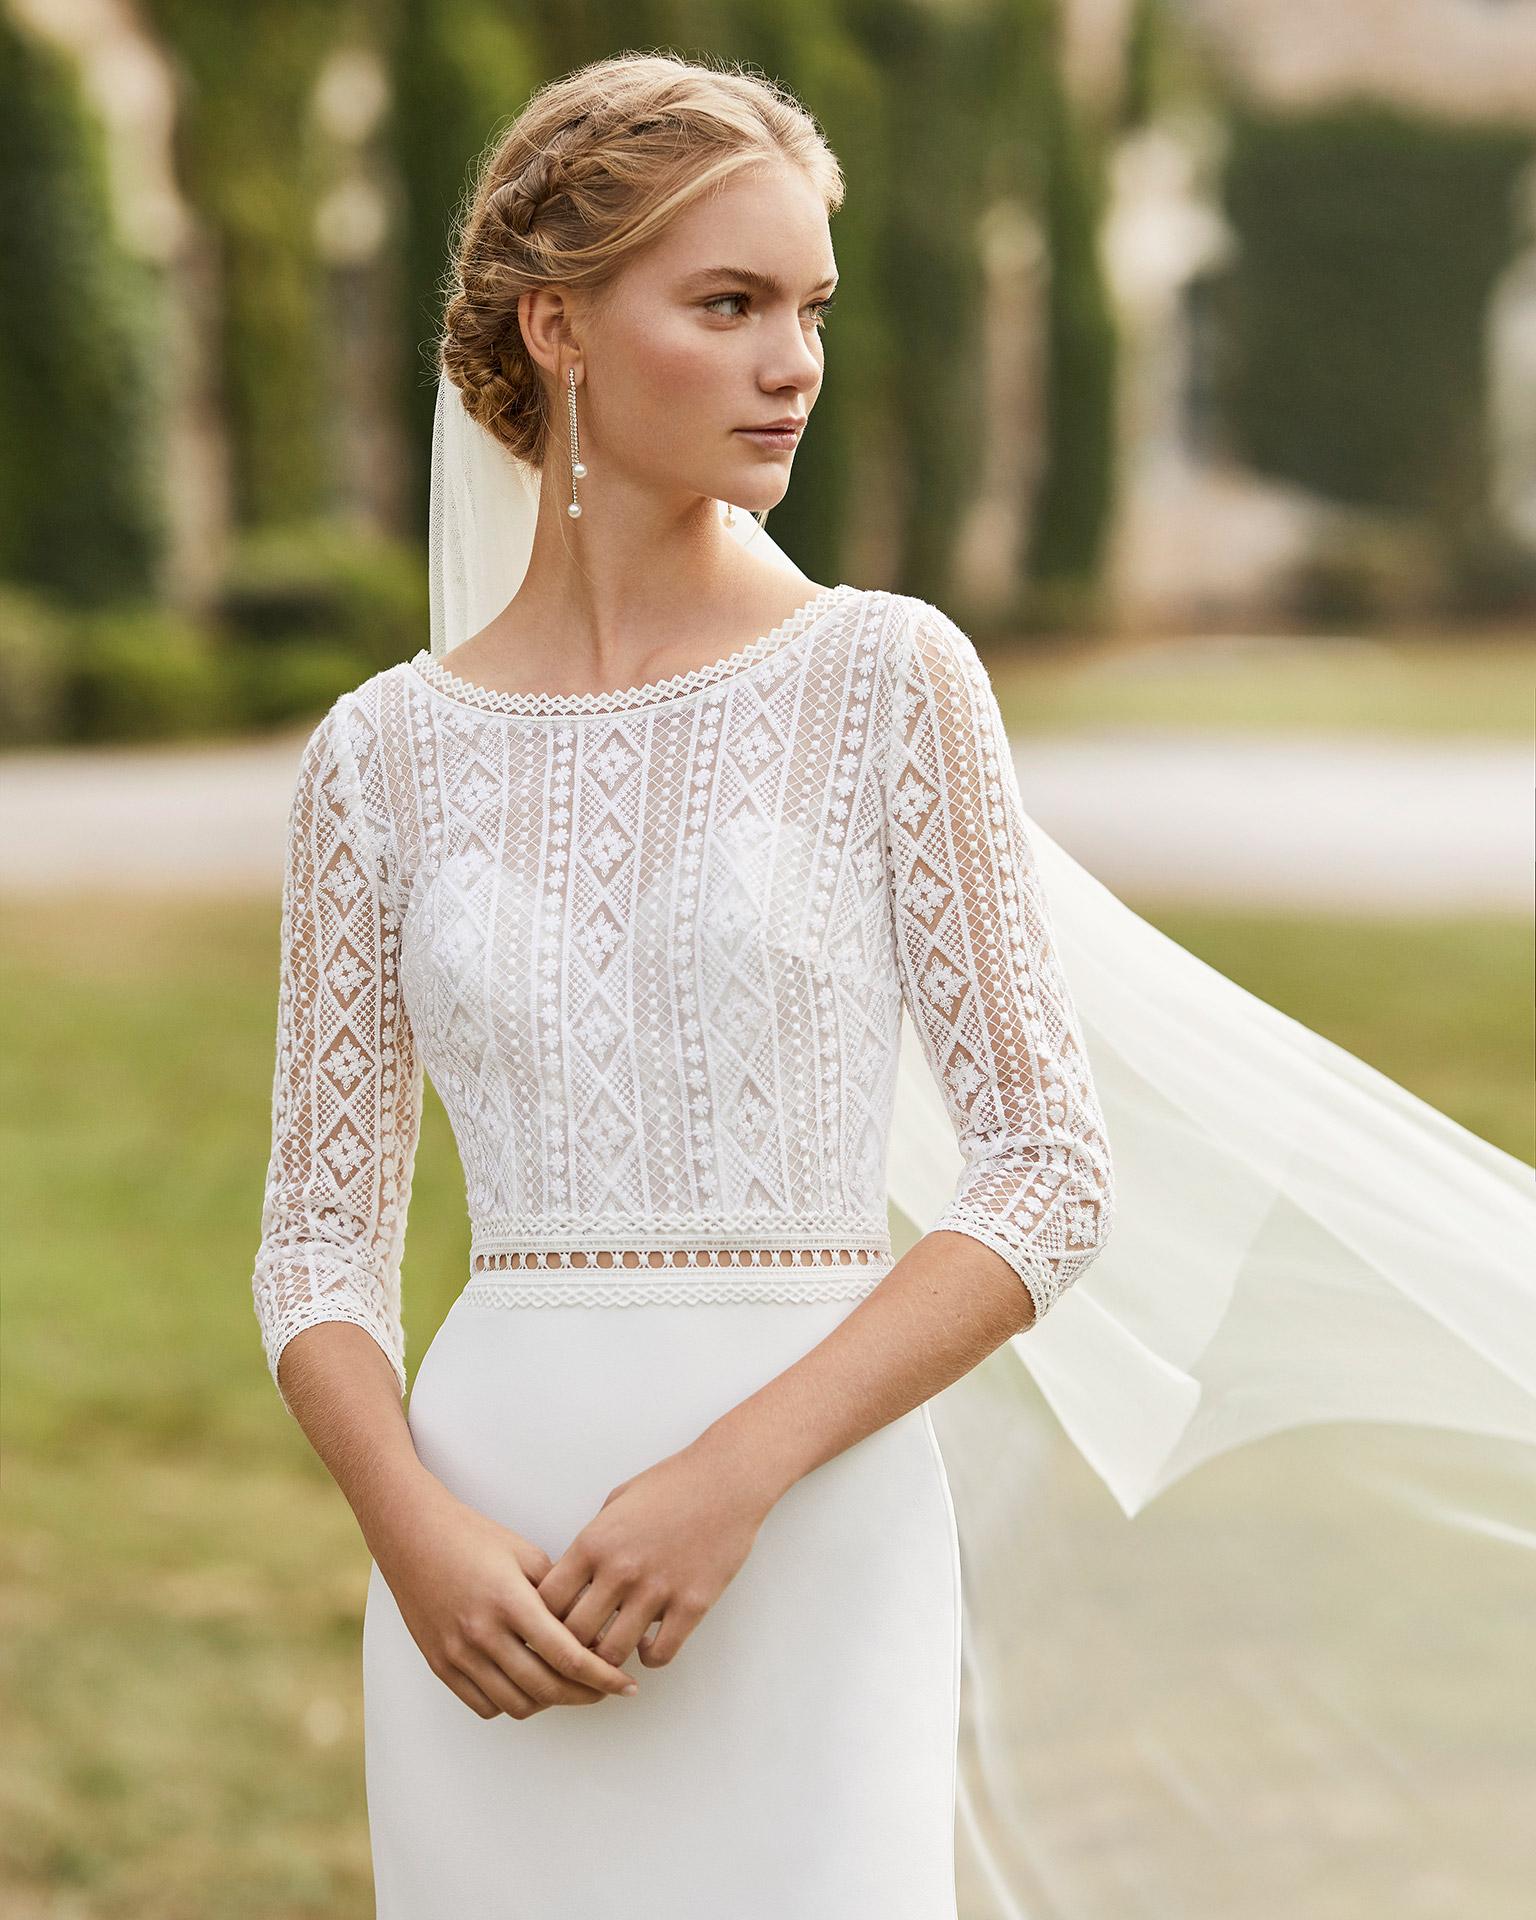 Vestido de novia de crep. Escote barco de encaje, manga tres cuartos de encaje, cinturón de encaje y espalda en V de encaje. Colección ALMANOVIA 2021.